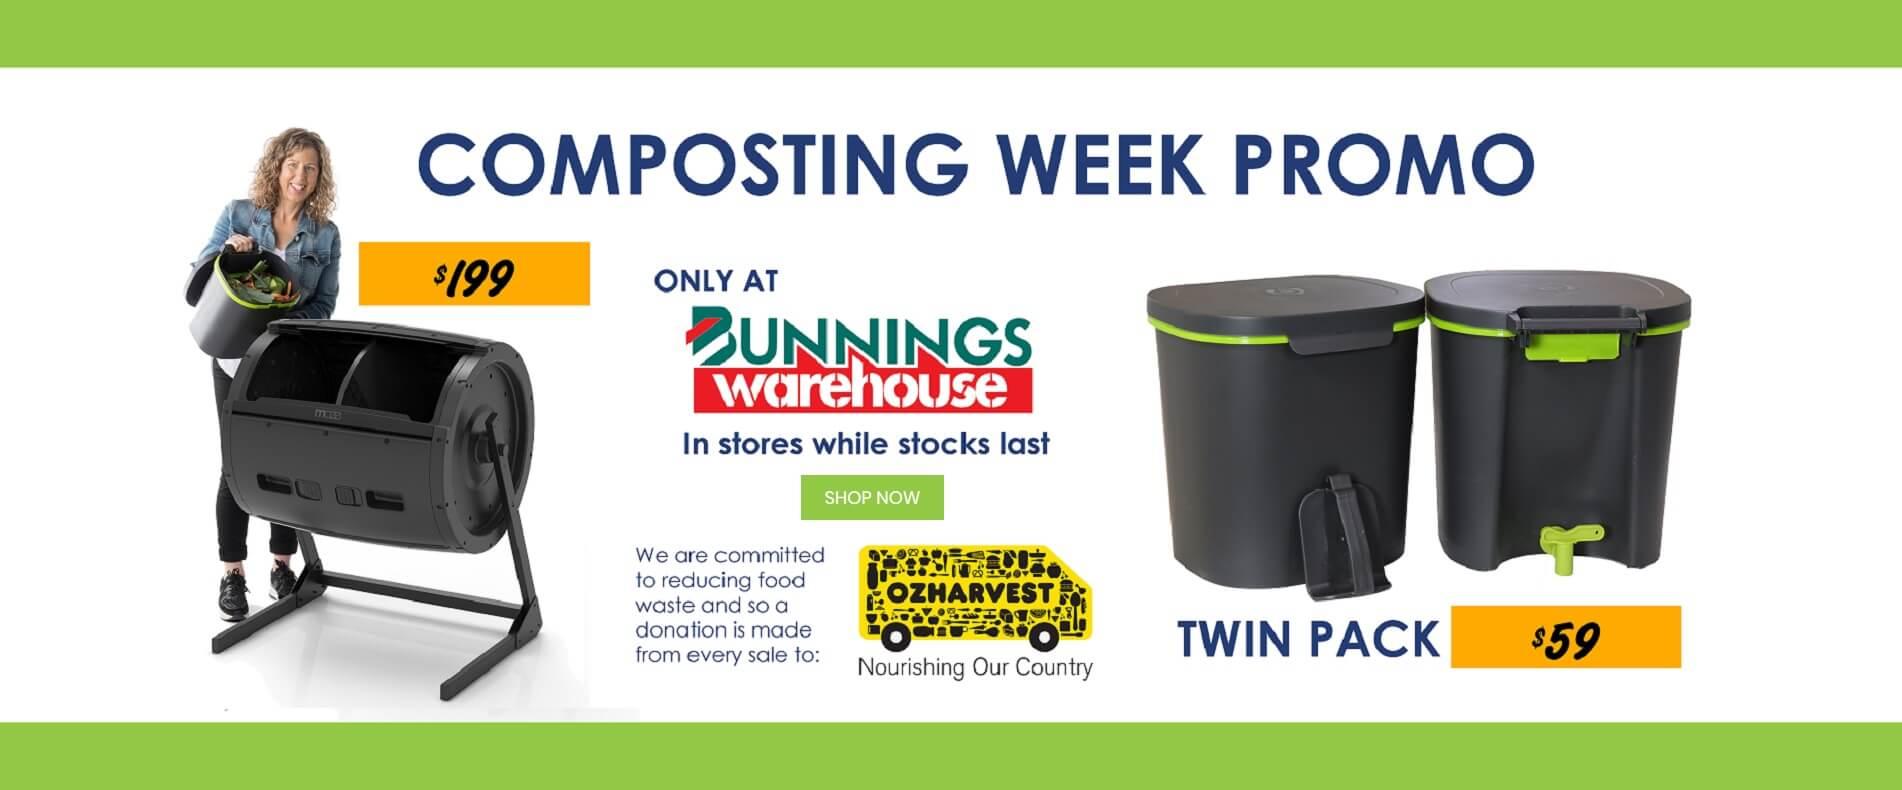 Comp Week Promo